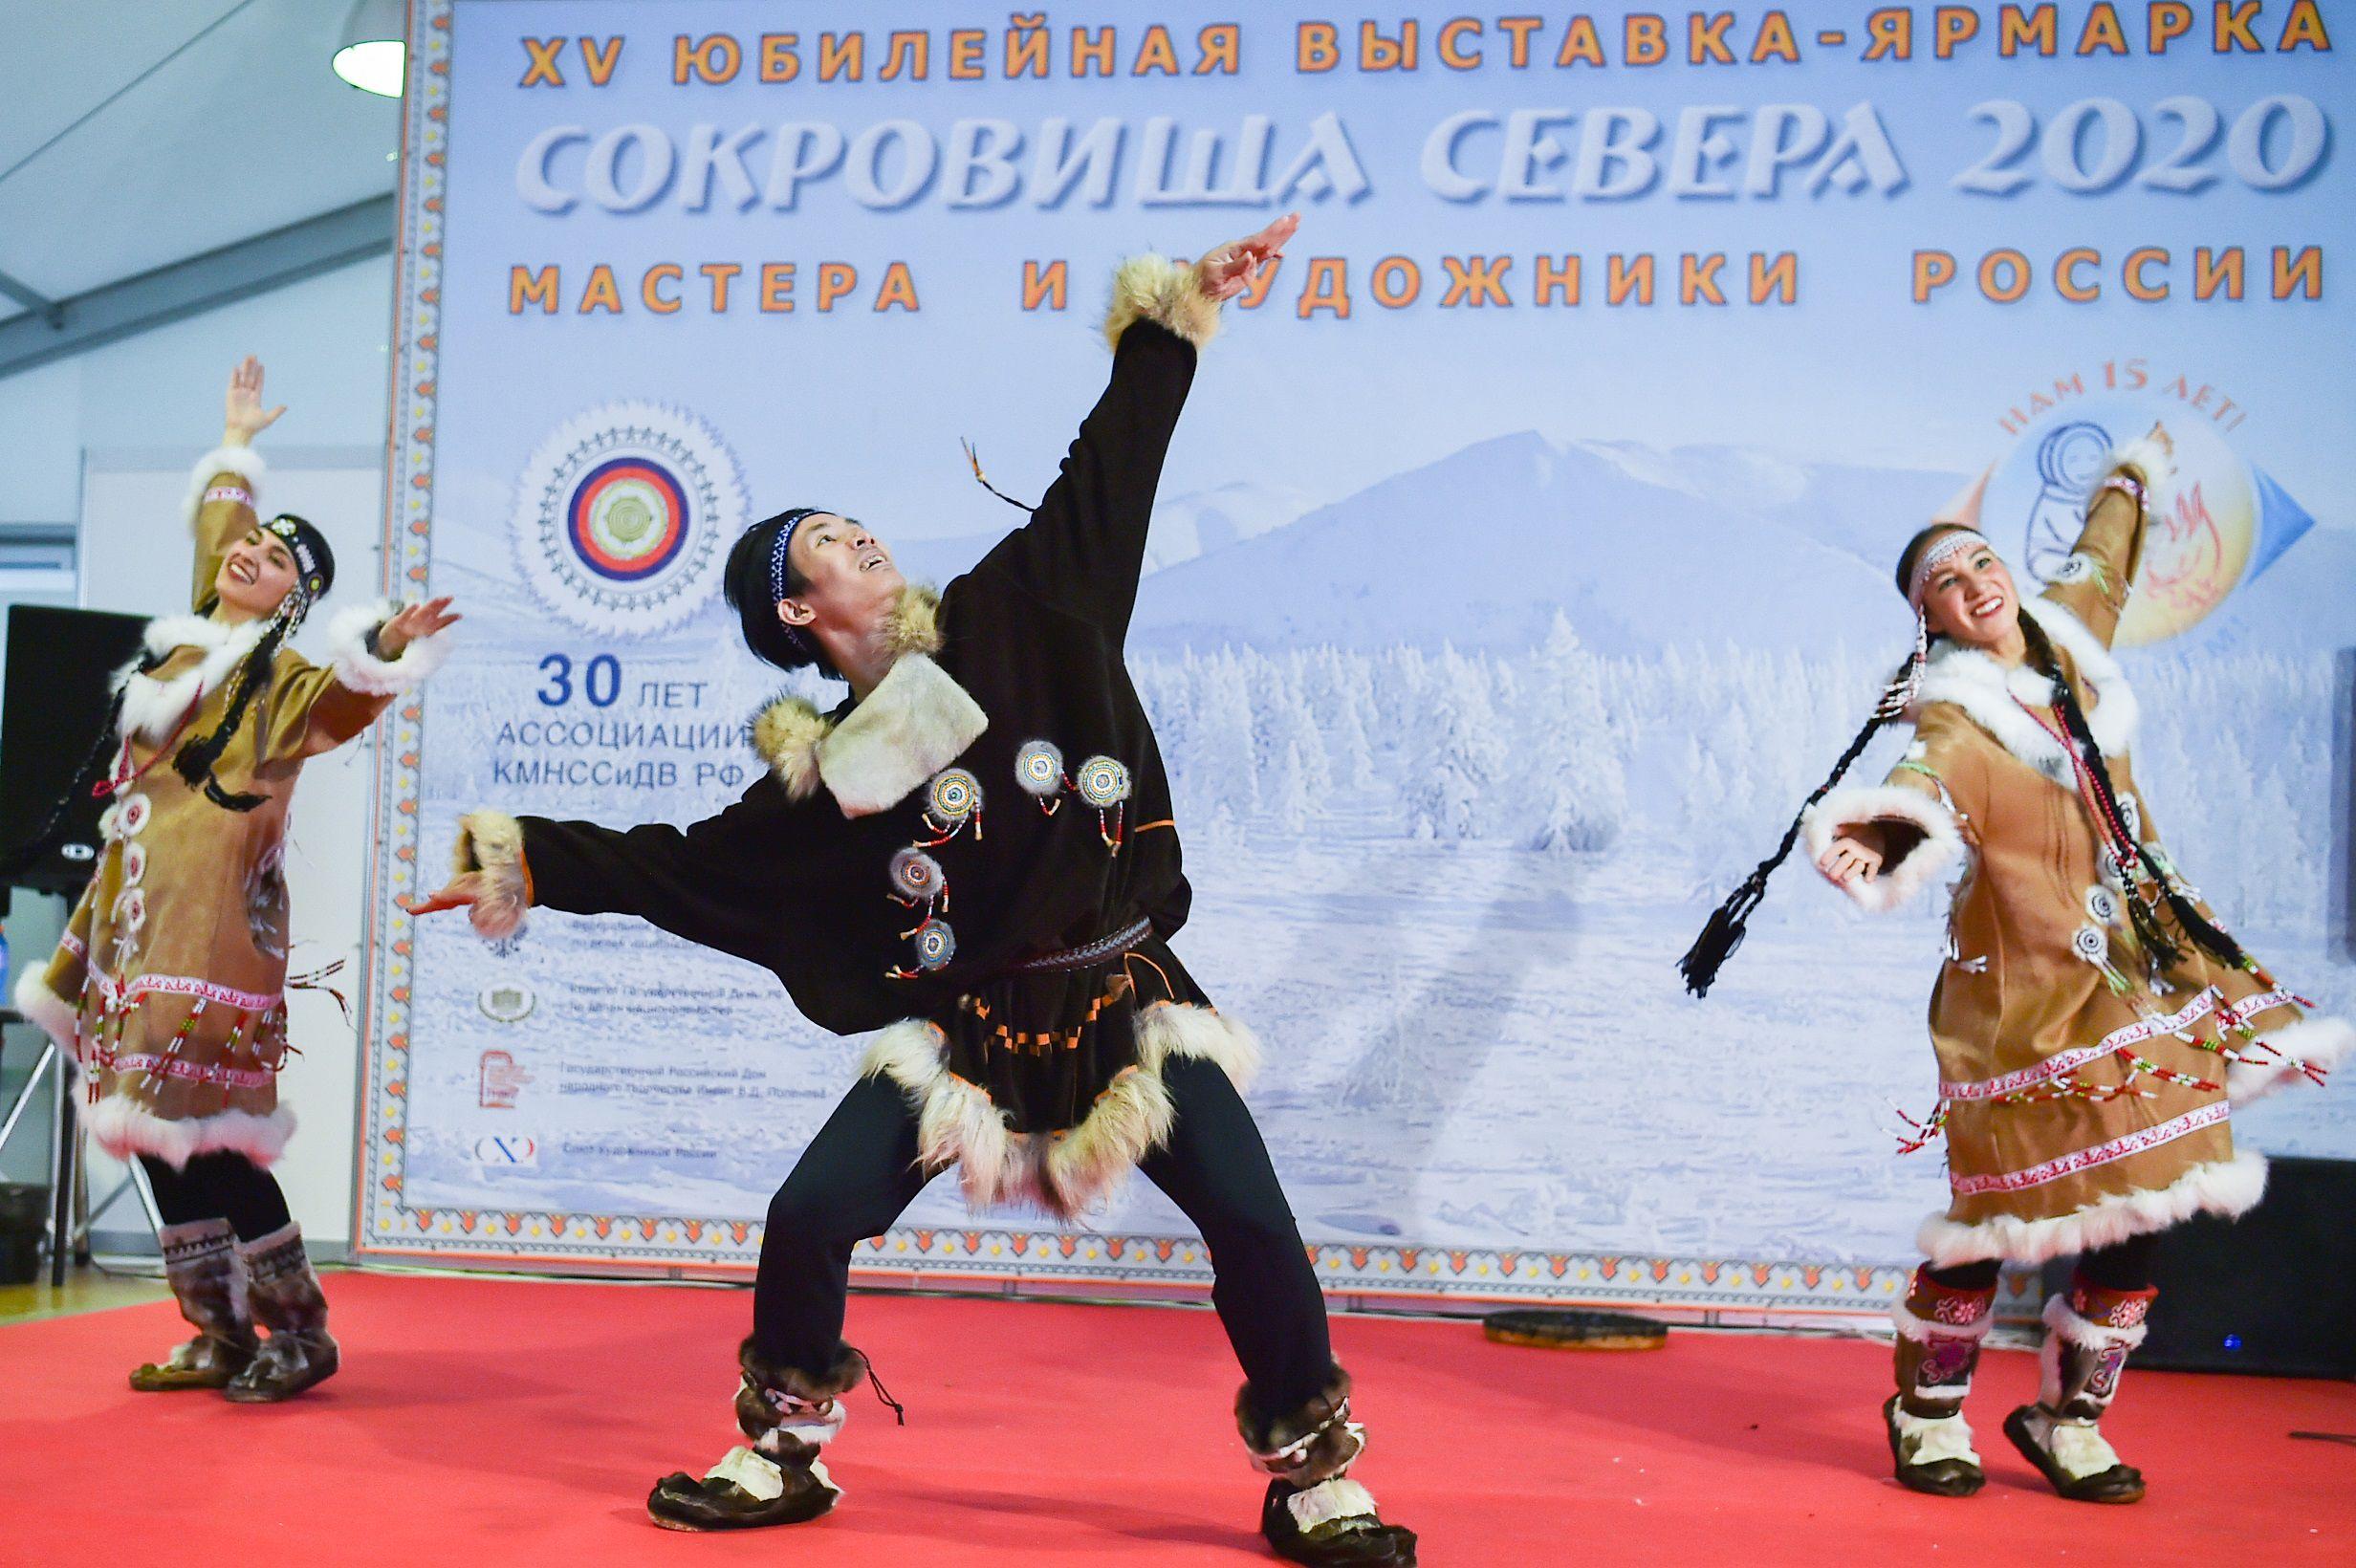 Выставка-ярмарка «Сокровища Севера. Мастера и художники России 2021» фото 13